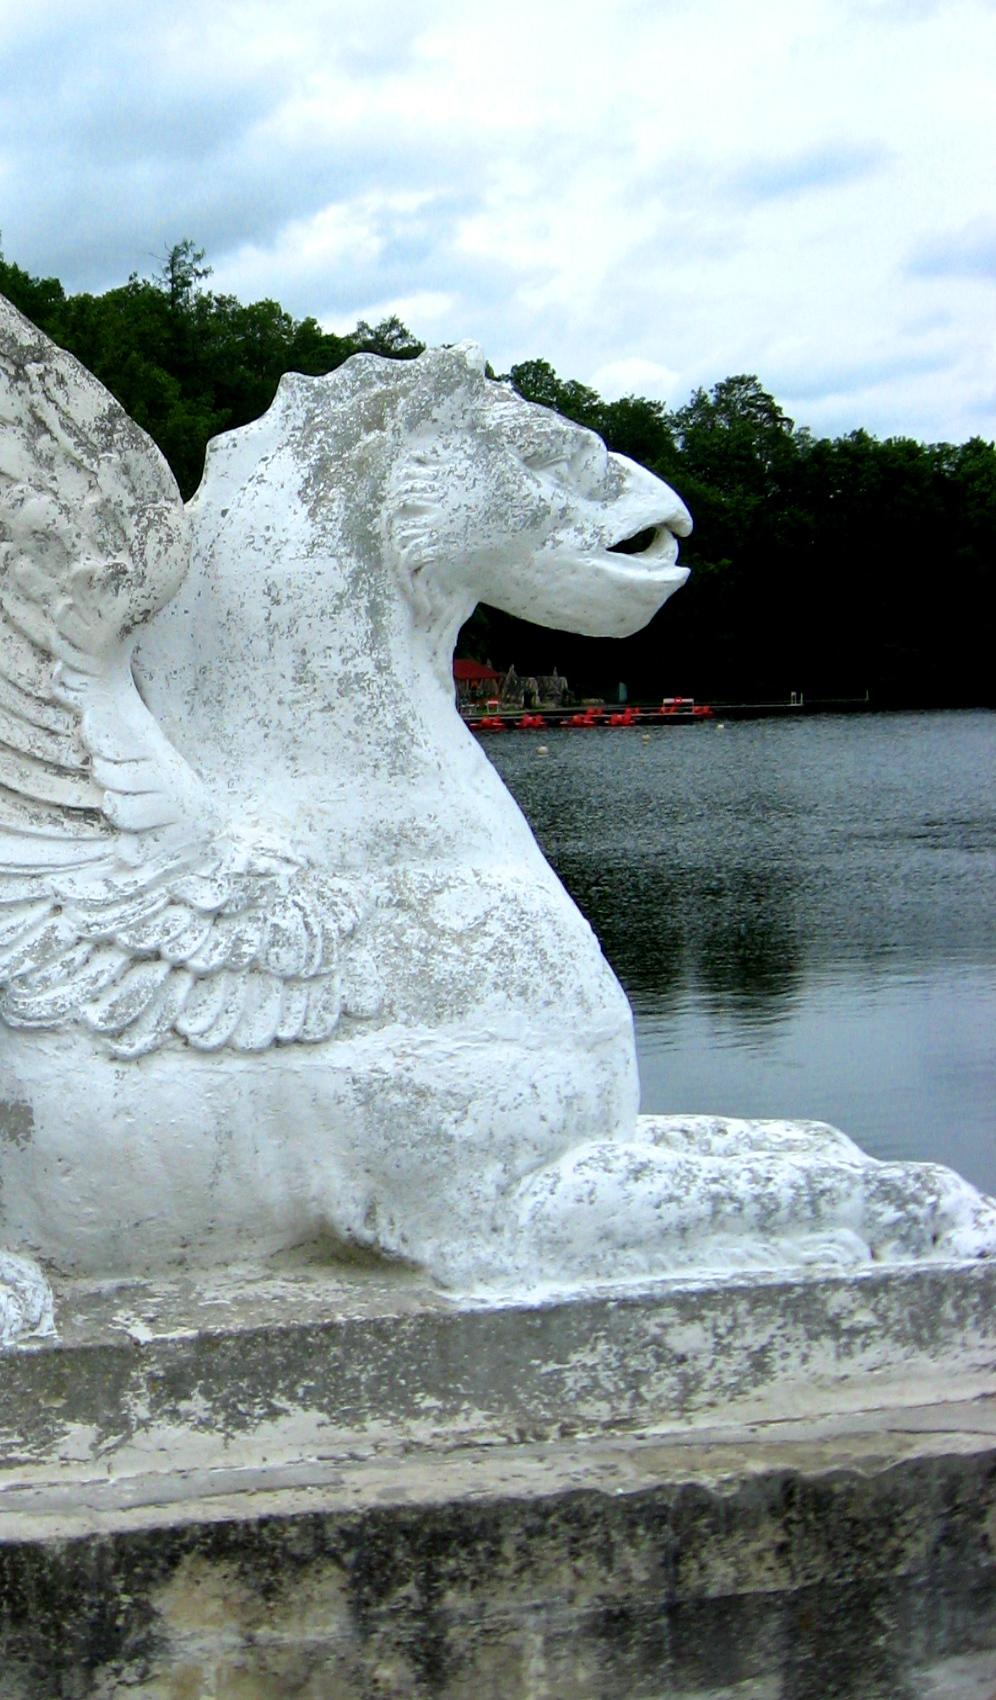 собака с крыльями - фото автора АБРА Кадабра на сайте ...